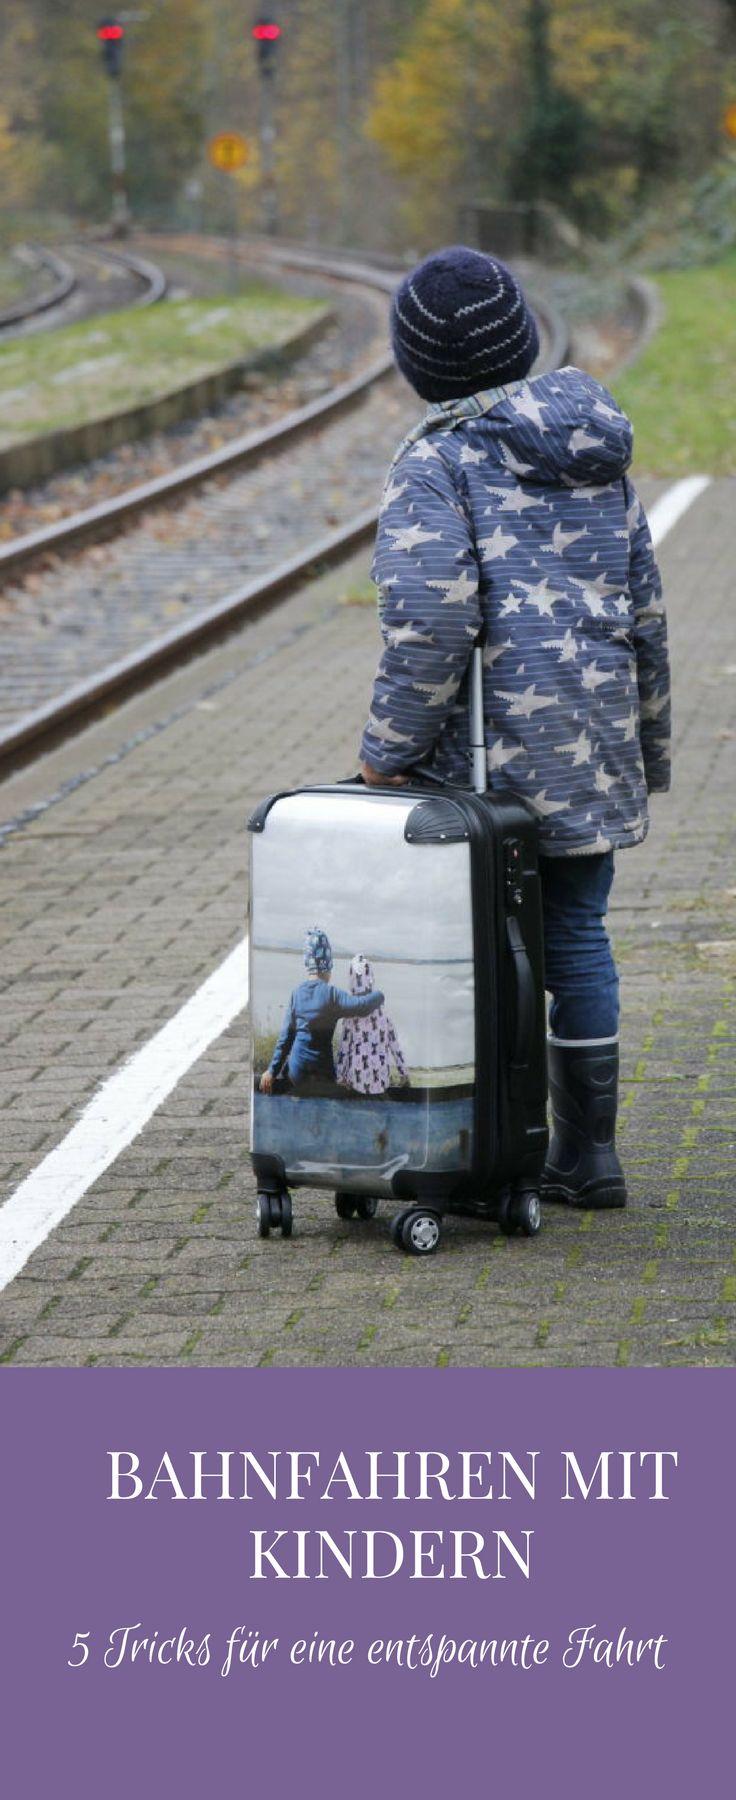 Bahnfahren mit Kindern: Tipps für eine entspannte Bahnfahrt mit Kindern. Die Erfahrung lehrt, dass eine Bahnreise mit Kindern oft anstrengend ist. Daher sollte man das Zugfahren mit Kindern planen, vorbereiten und einiges bedenken.